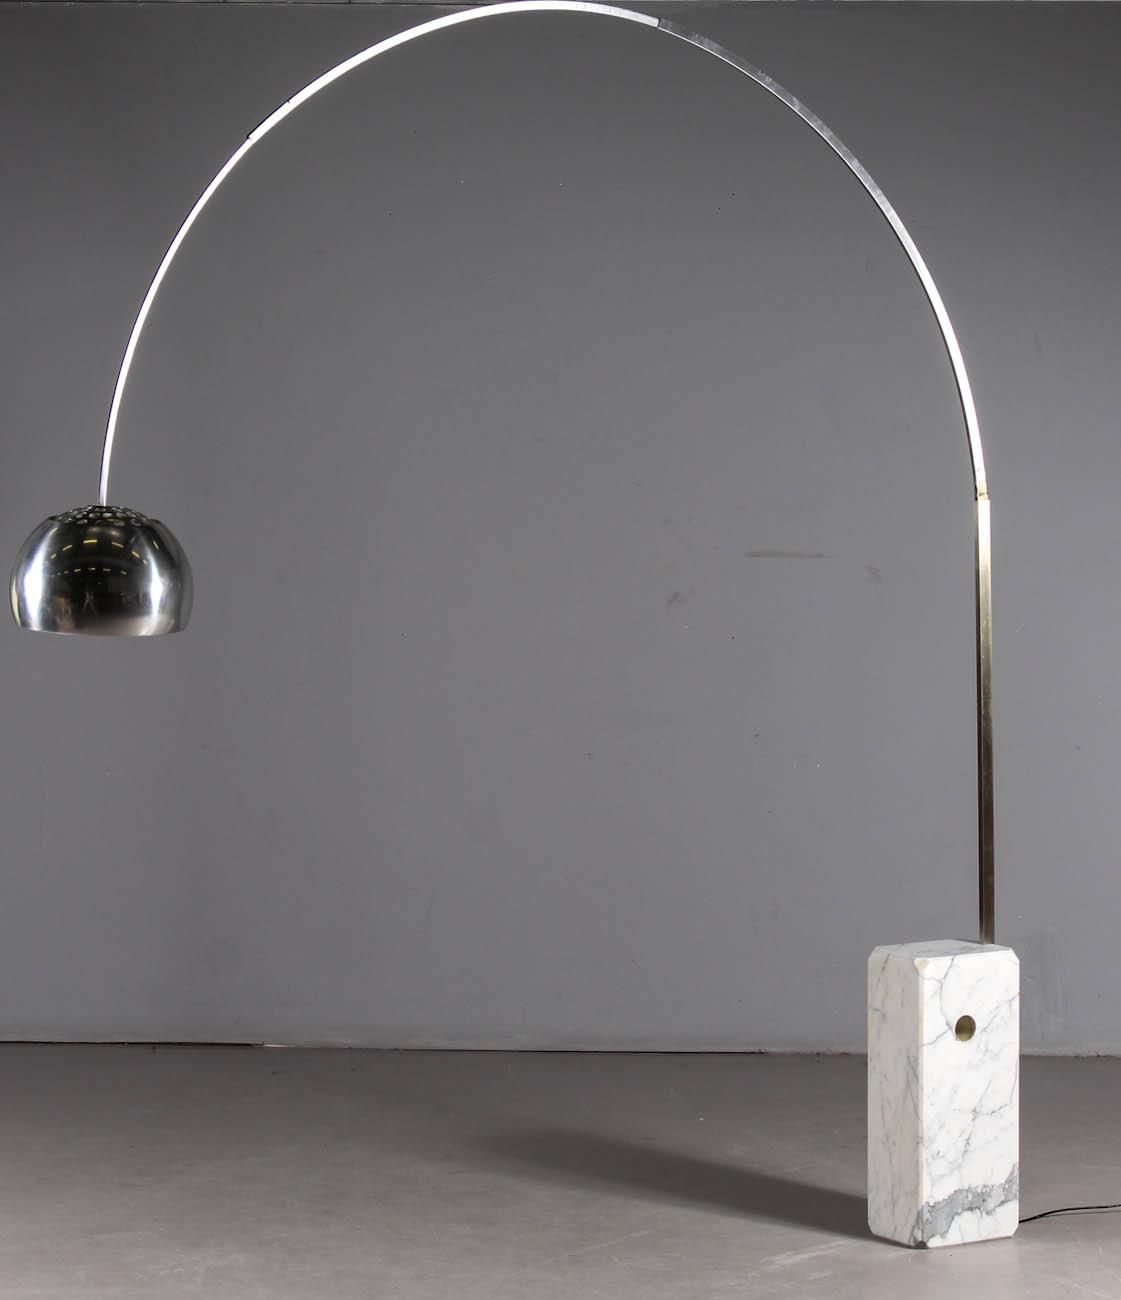 Bello Lampada Arco Castiglioni Immagine Di Lampada Arredamento